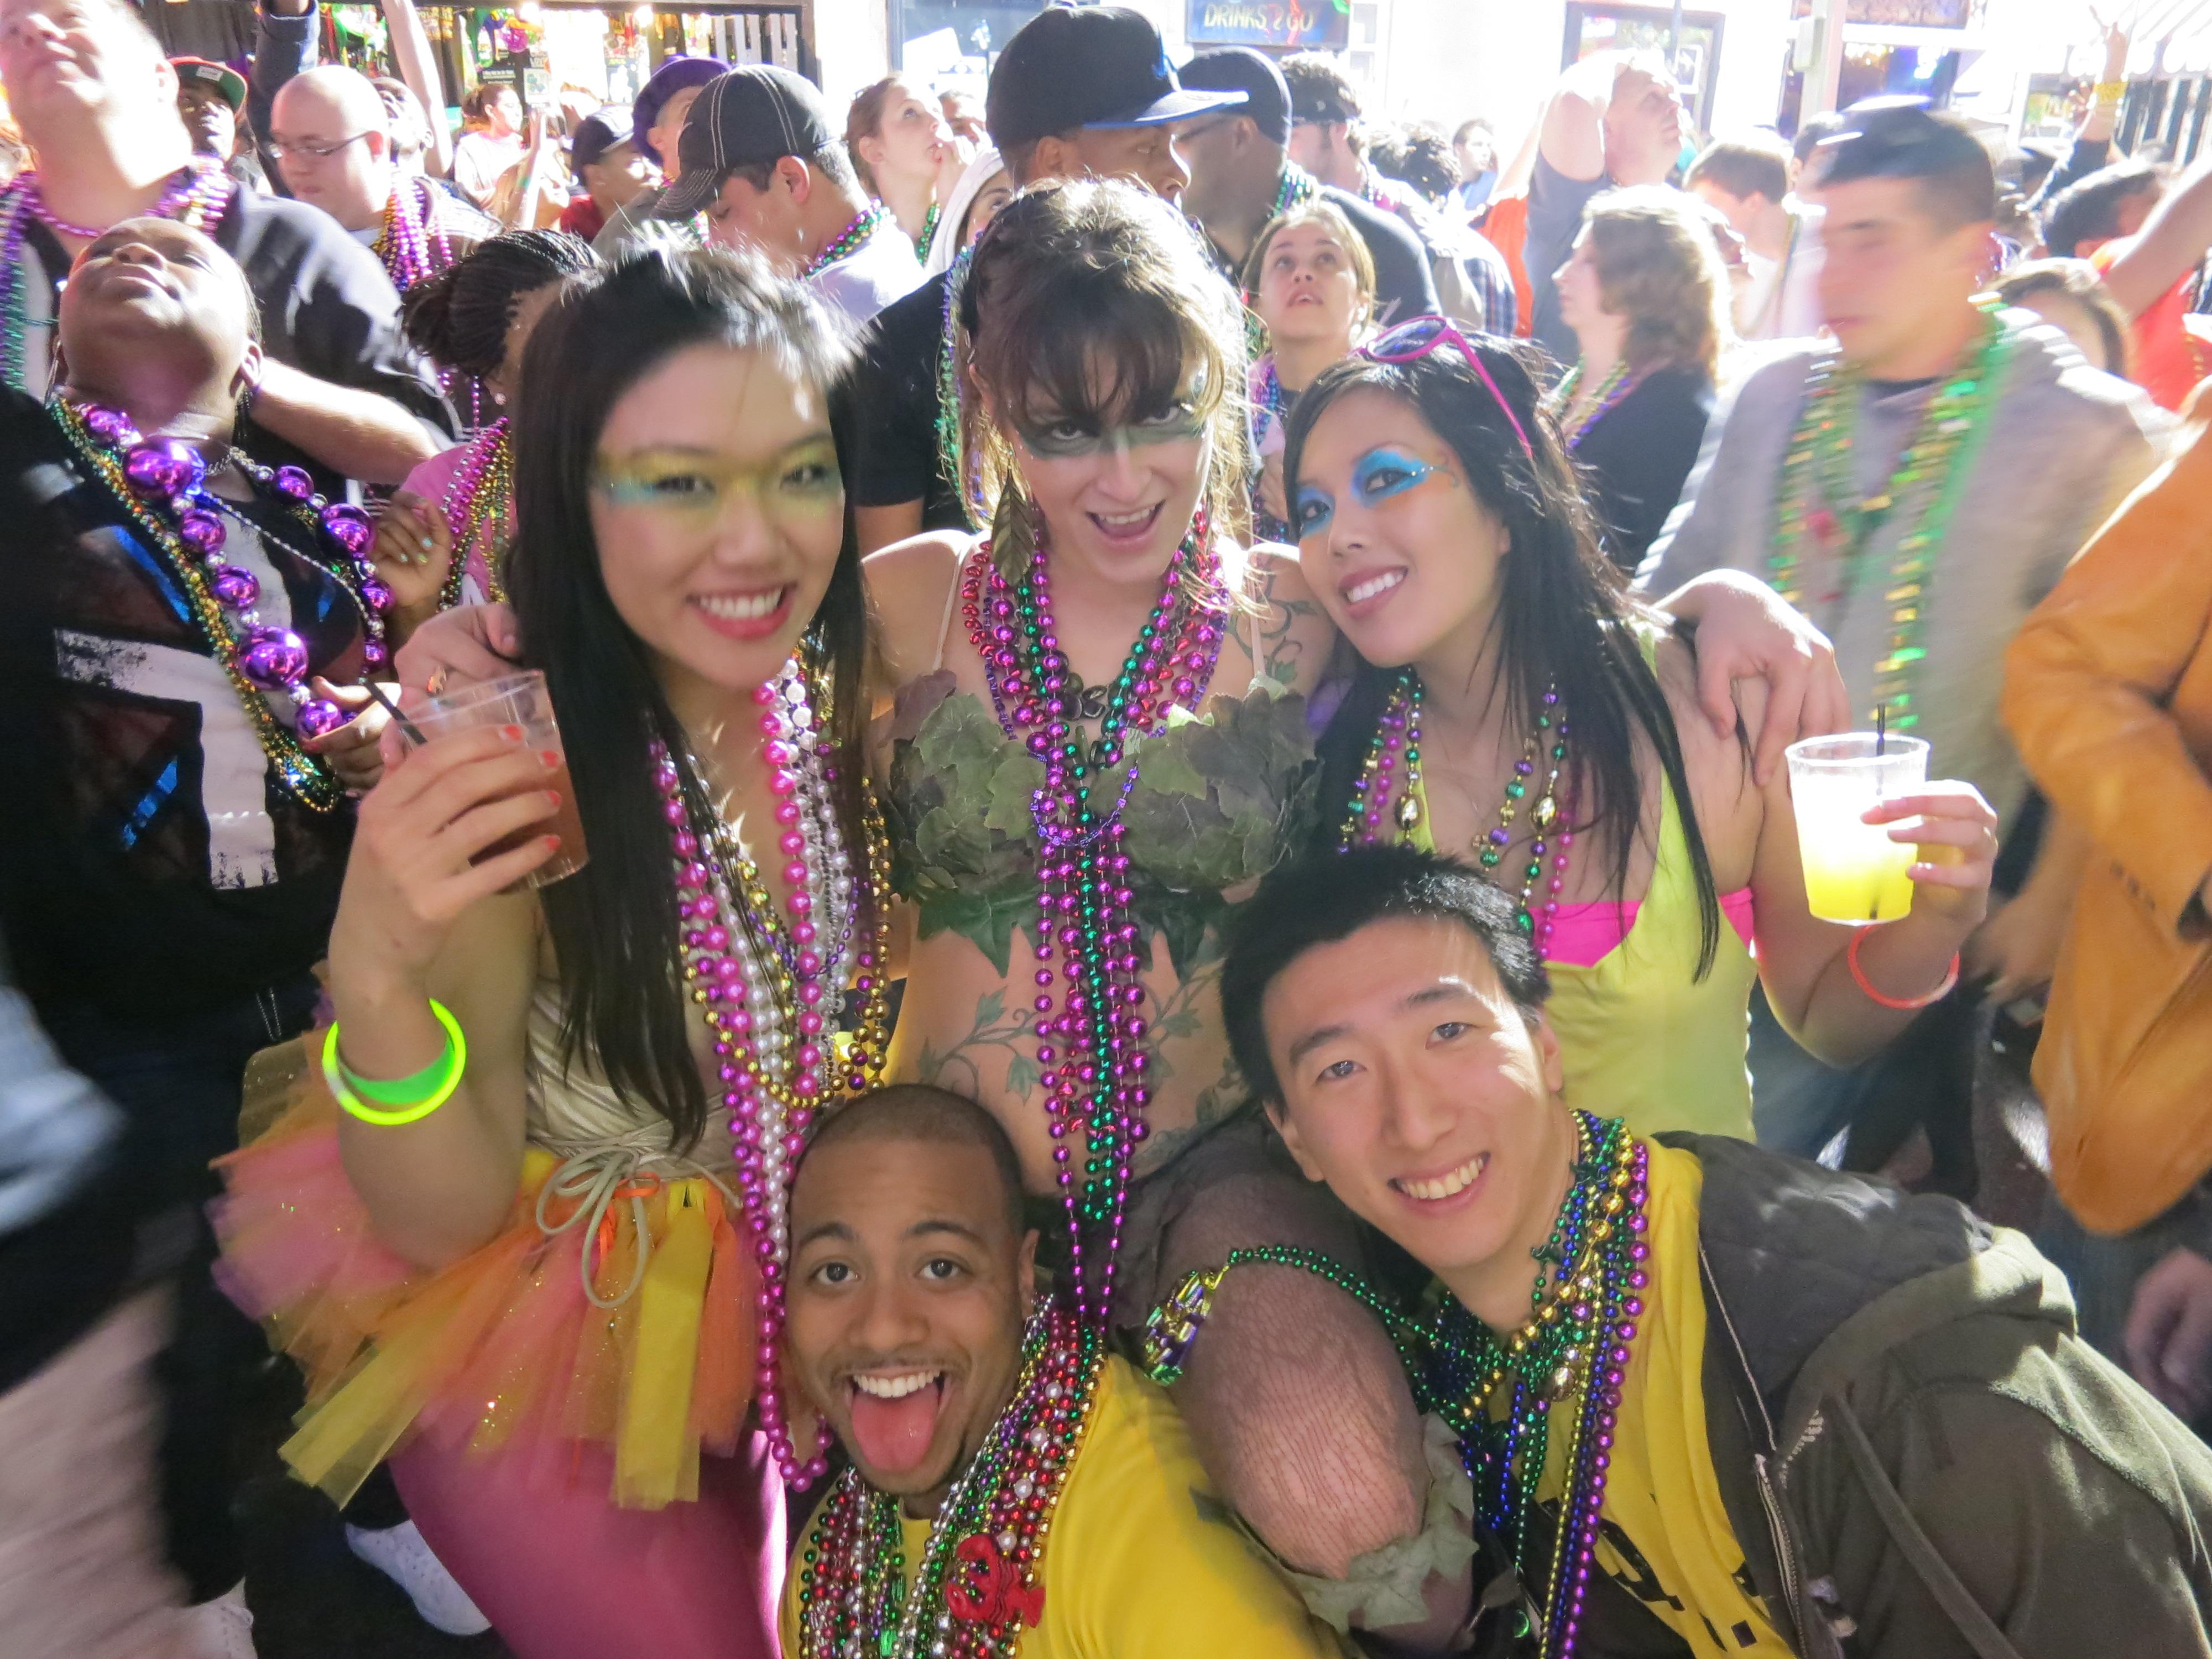 Mardi Gras Boob Websites Mardi Gras Boob Mardi Gras Boobs Pics Mardi Gras Boobs 18